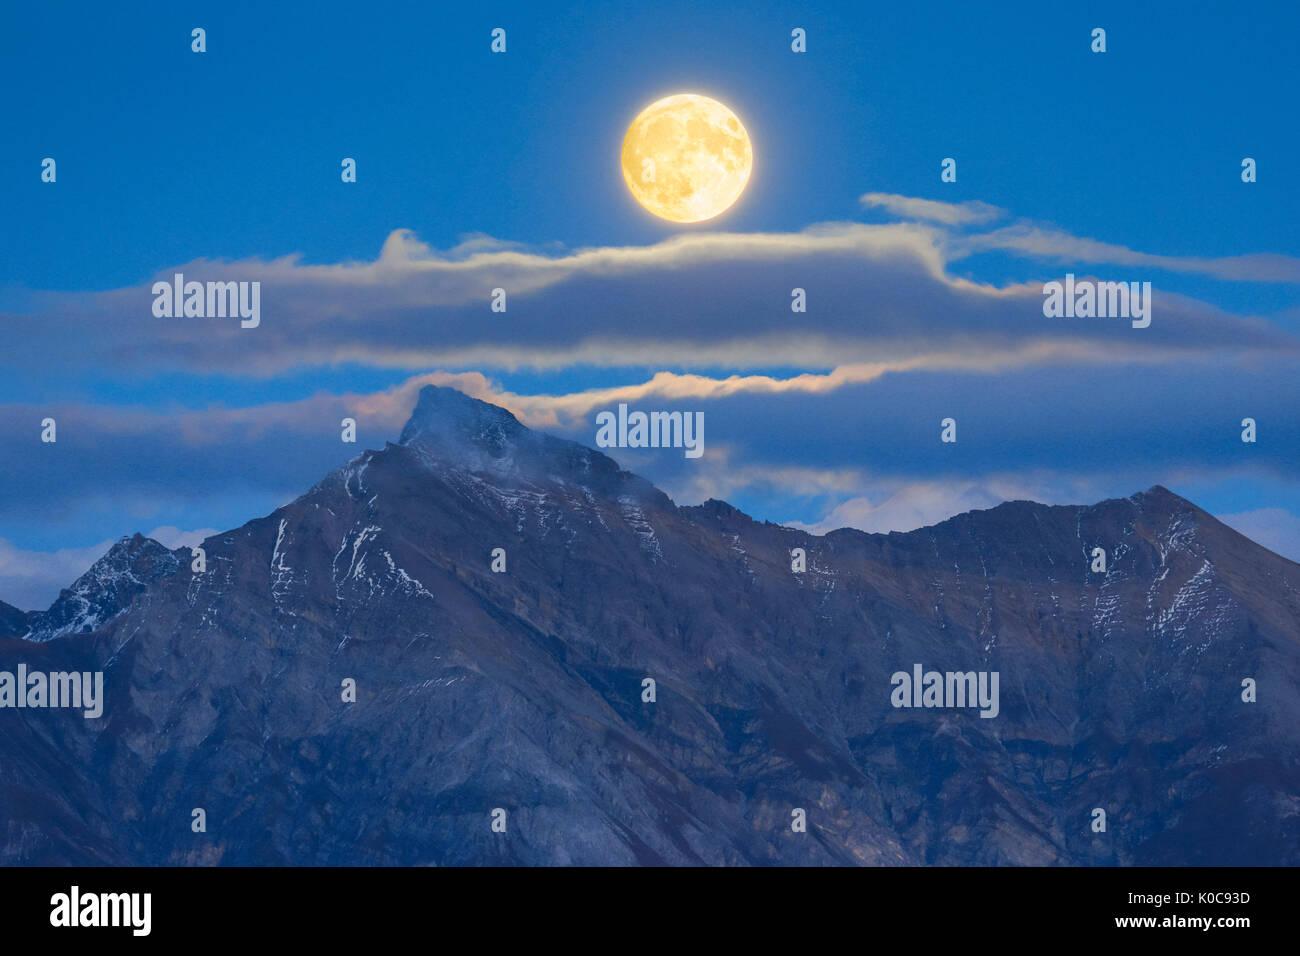 Vollmond über Bündner Alpen, Graubünden, Schweiz - Stock Image